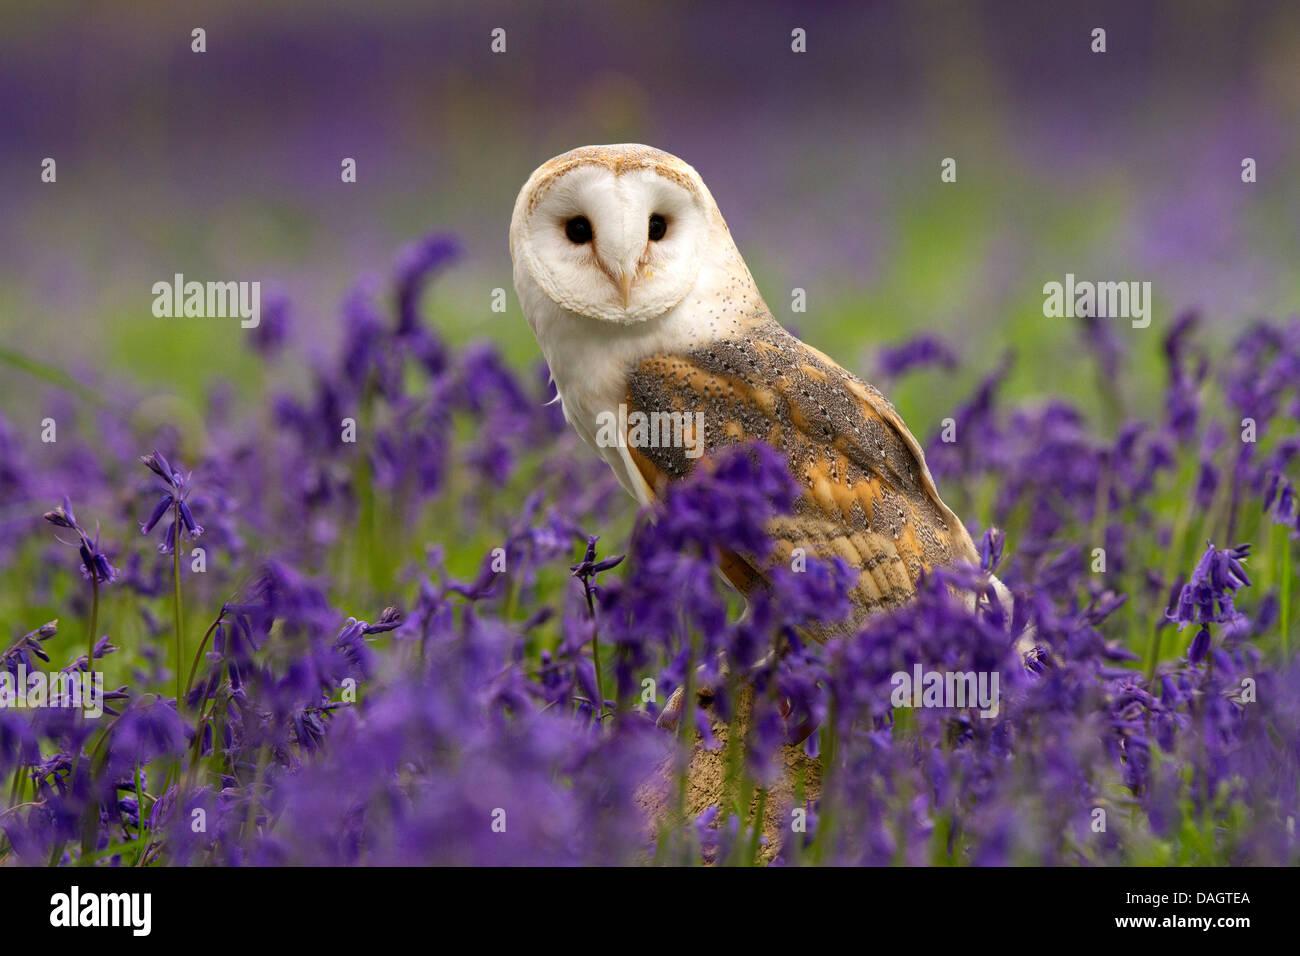 Lechuza, Tyto alba sentada en Campanillas Imagen De Stock